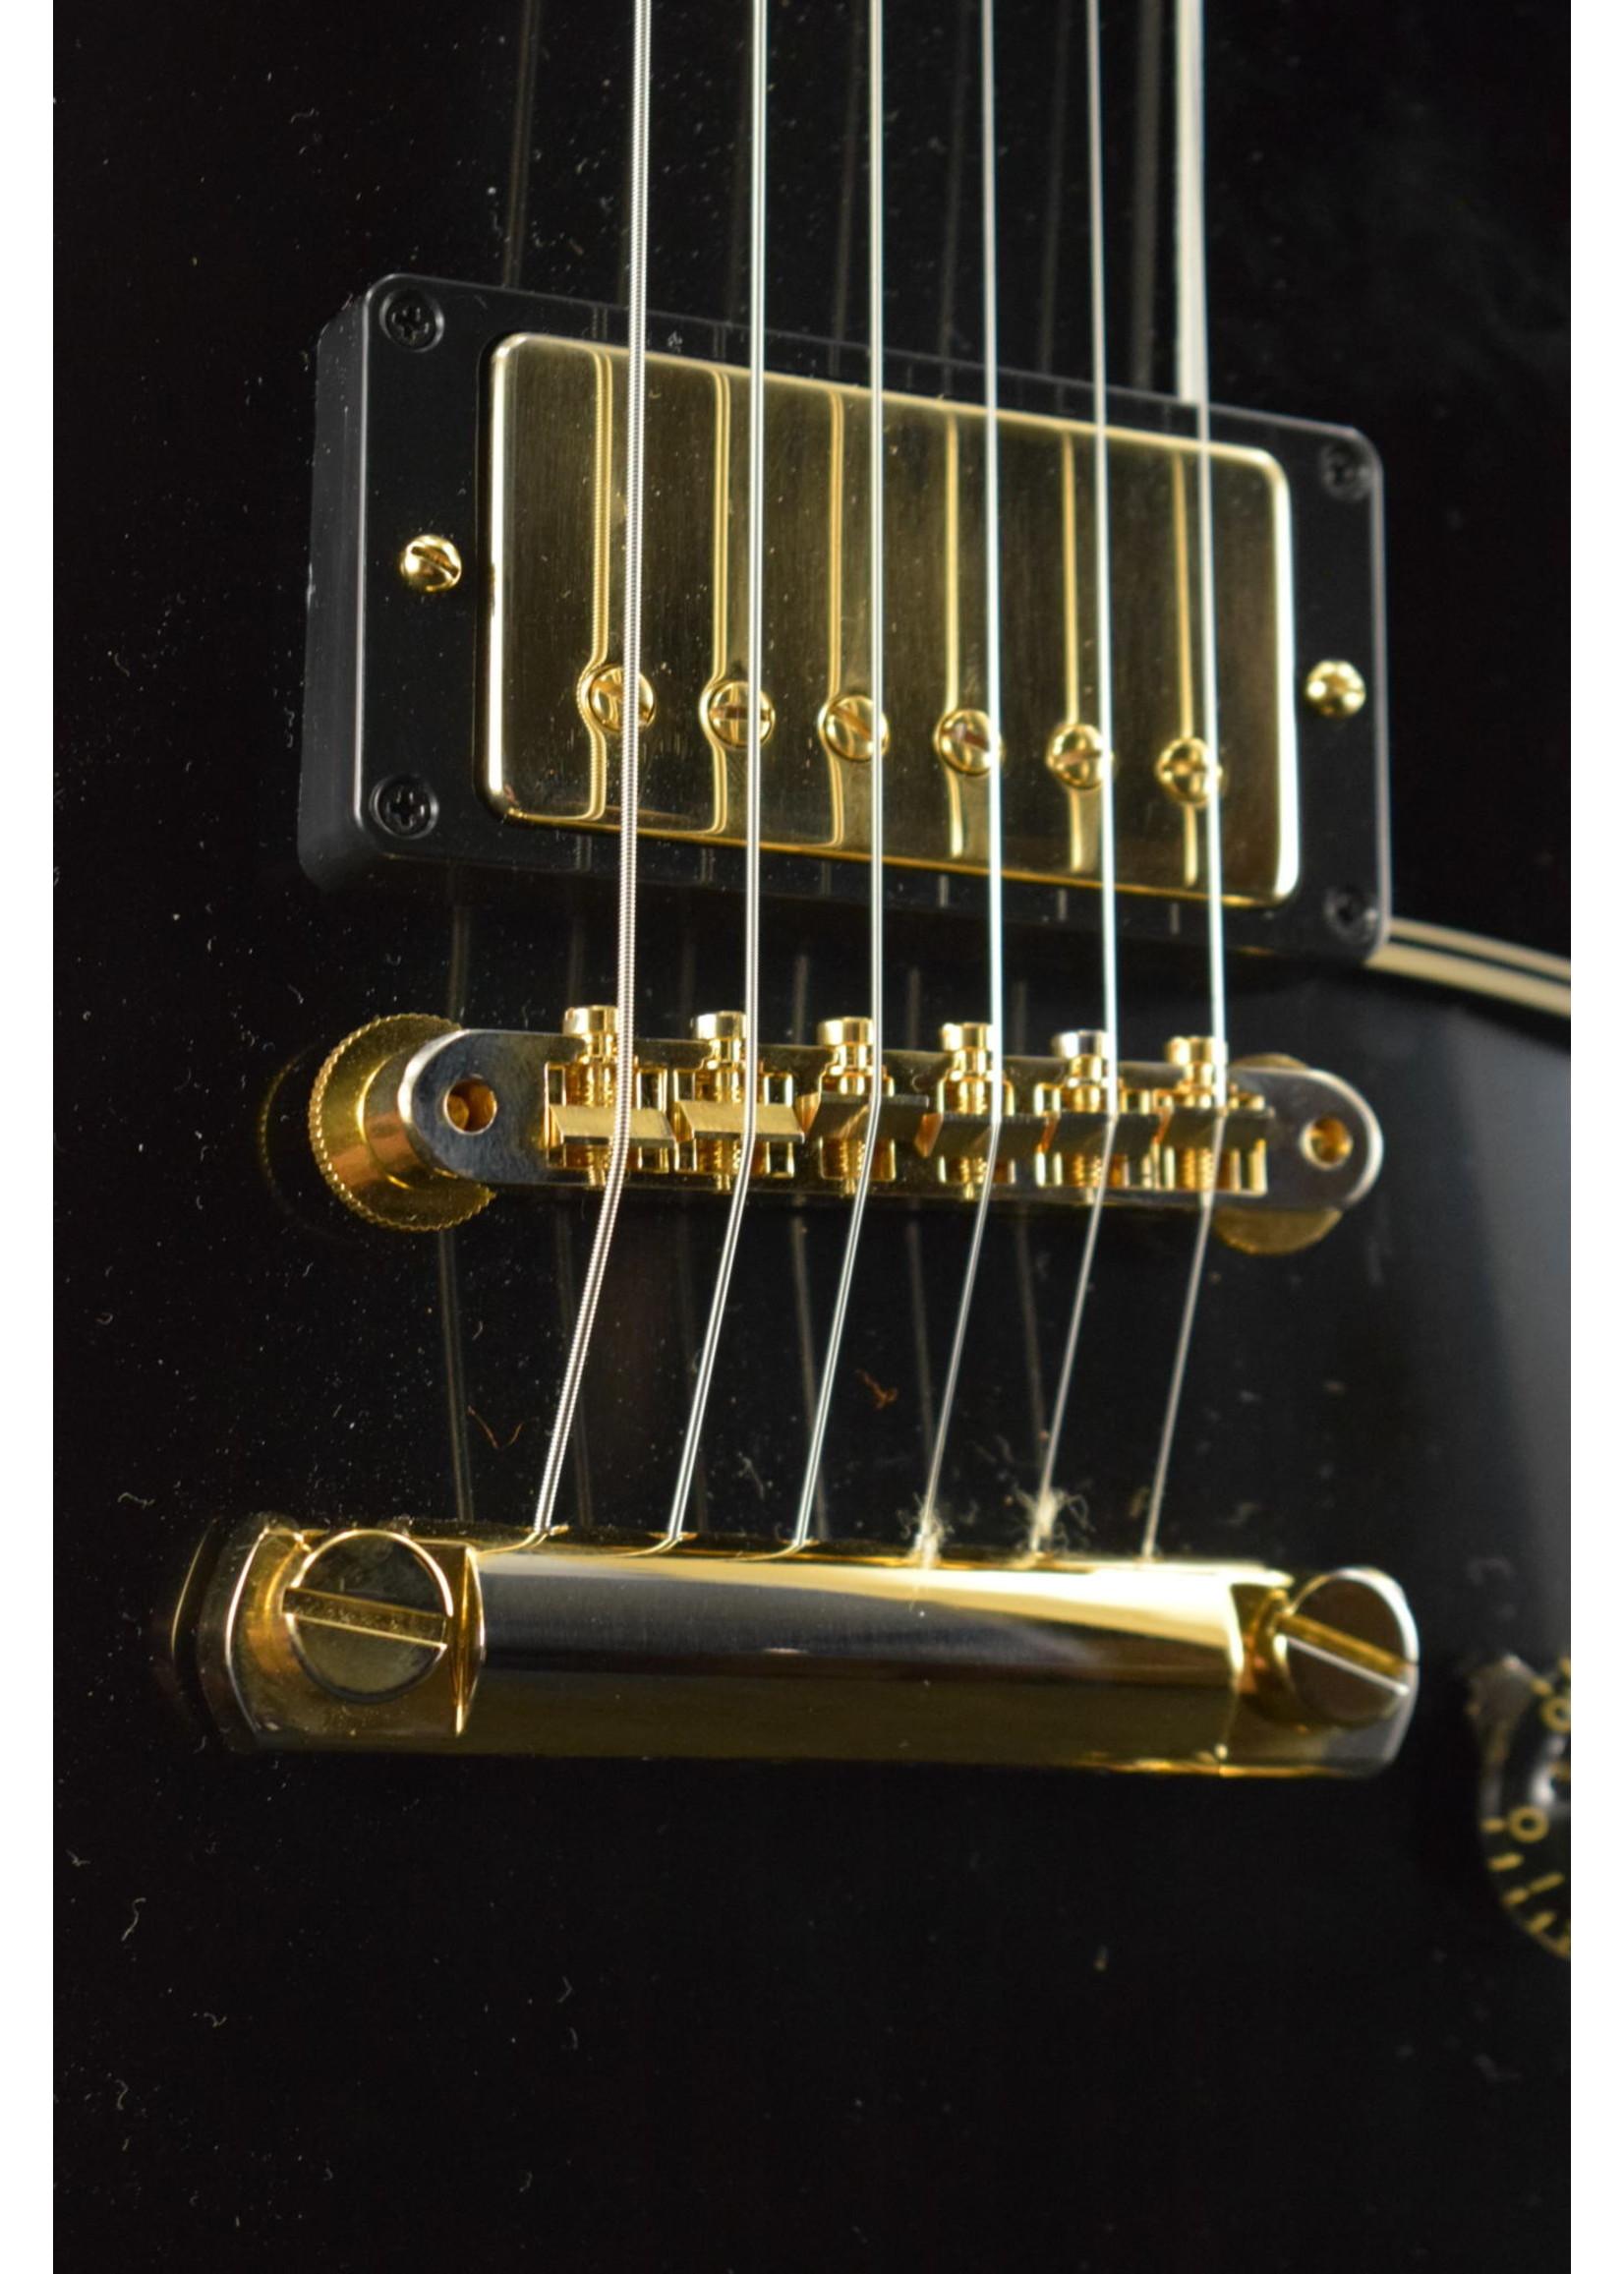 Gibson Gibson Custom 1957 Les Paul Custom Reissue VOS - Ebony 2-Pickup